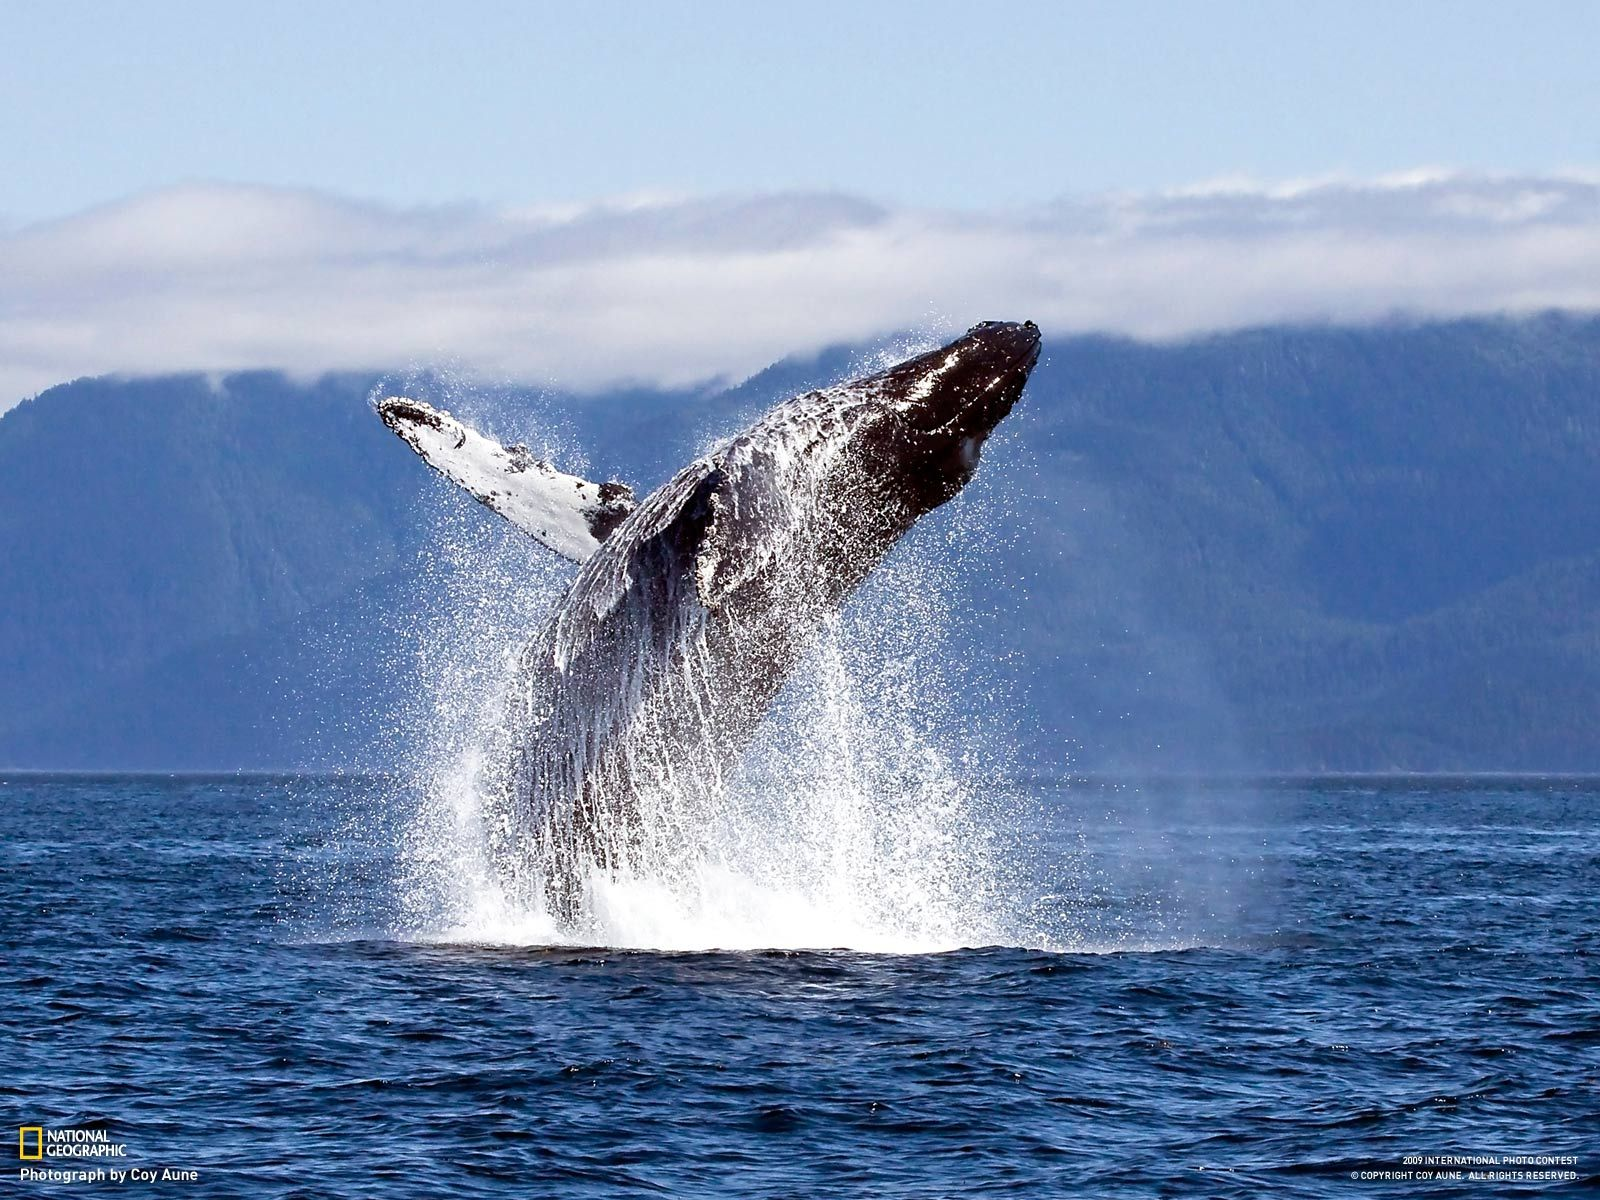 Ballena nadando a su máximo explendor, enjoy you life whale!